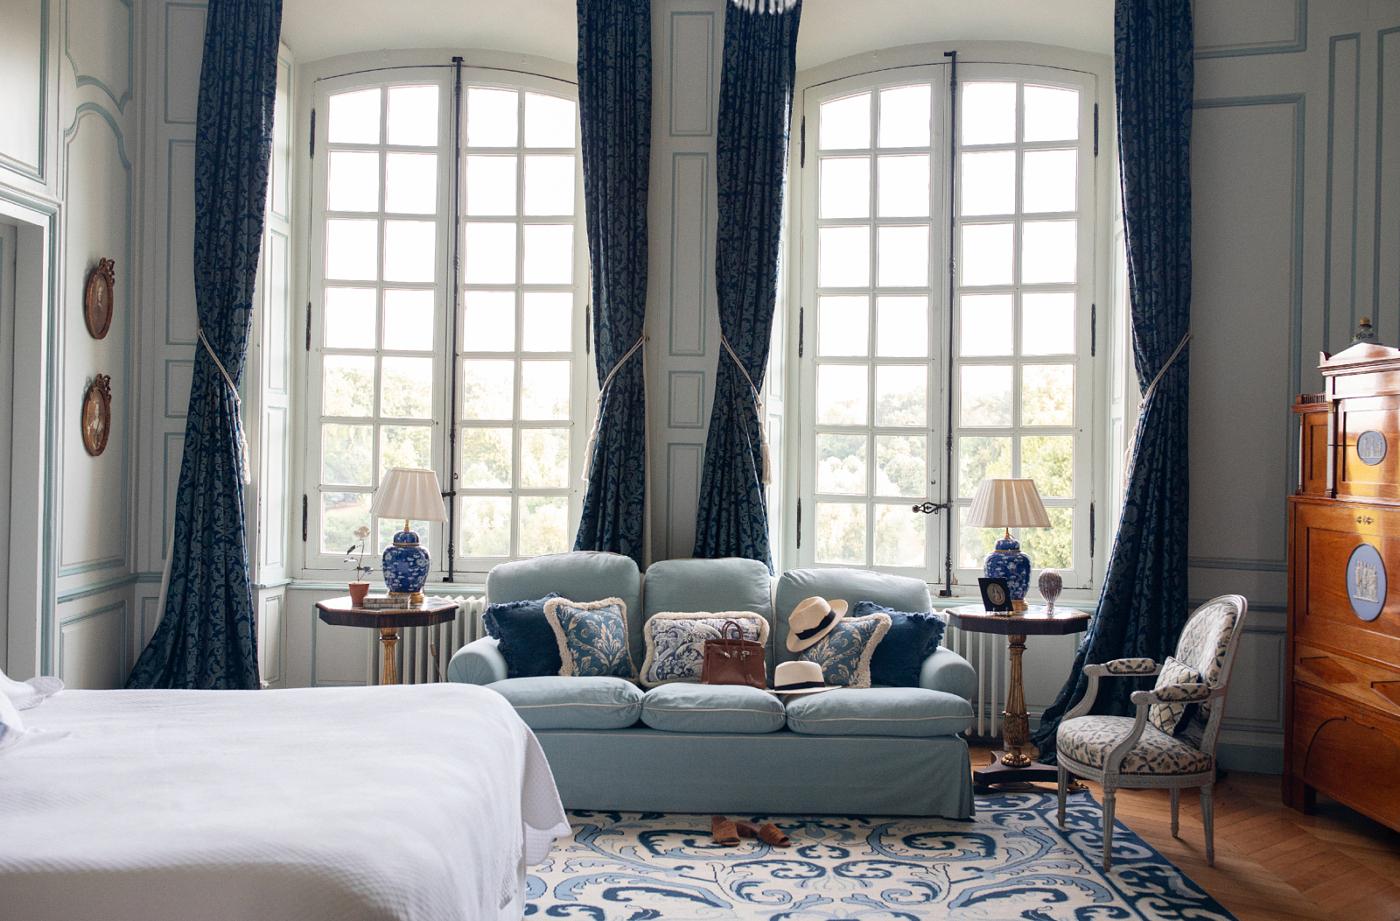 Migliori Libri Interior Design the chateau of dreams {chateau du grand luce}. | cool chic